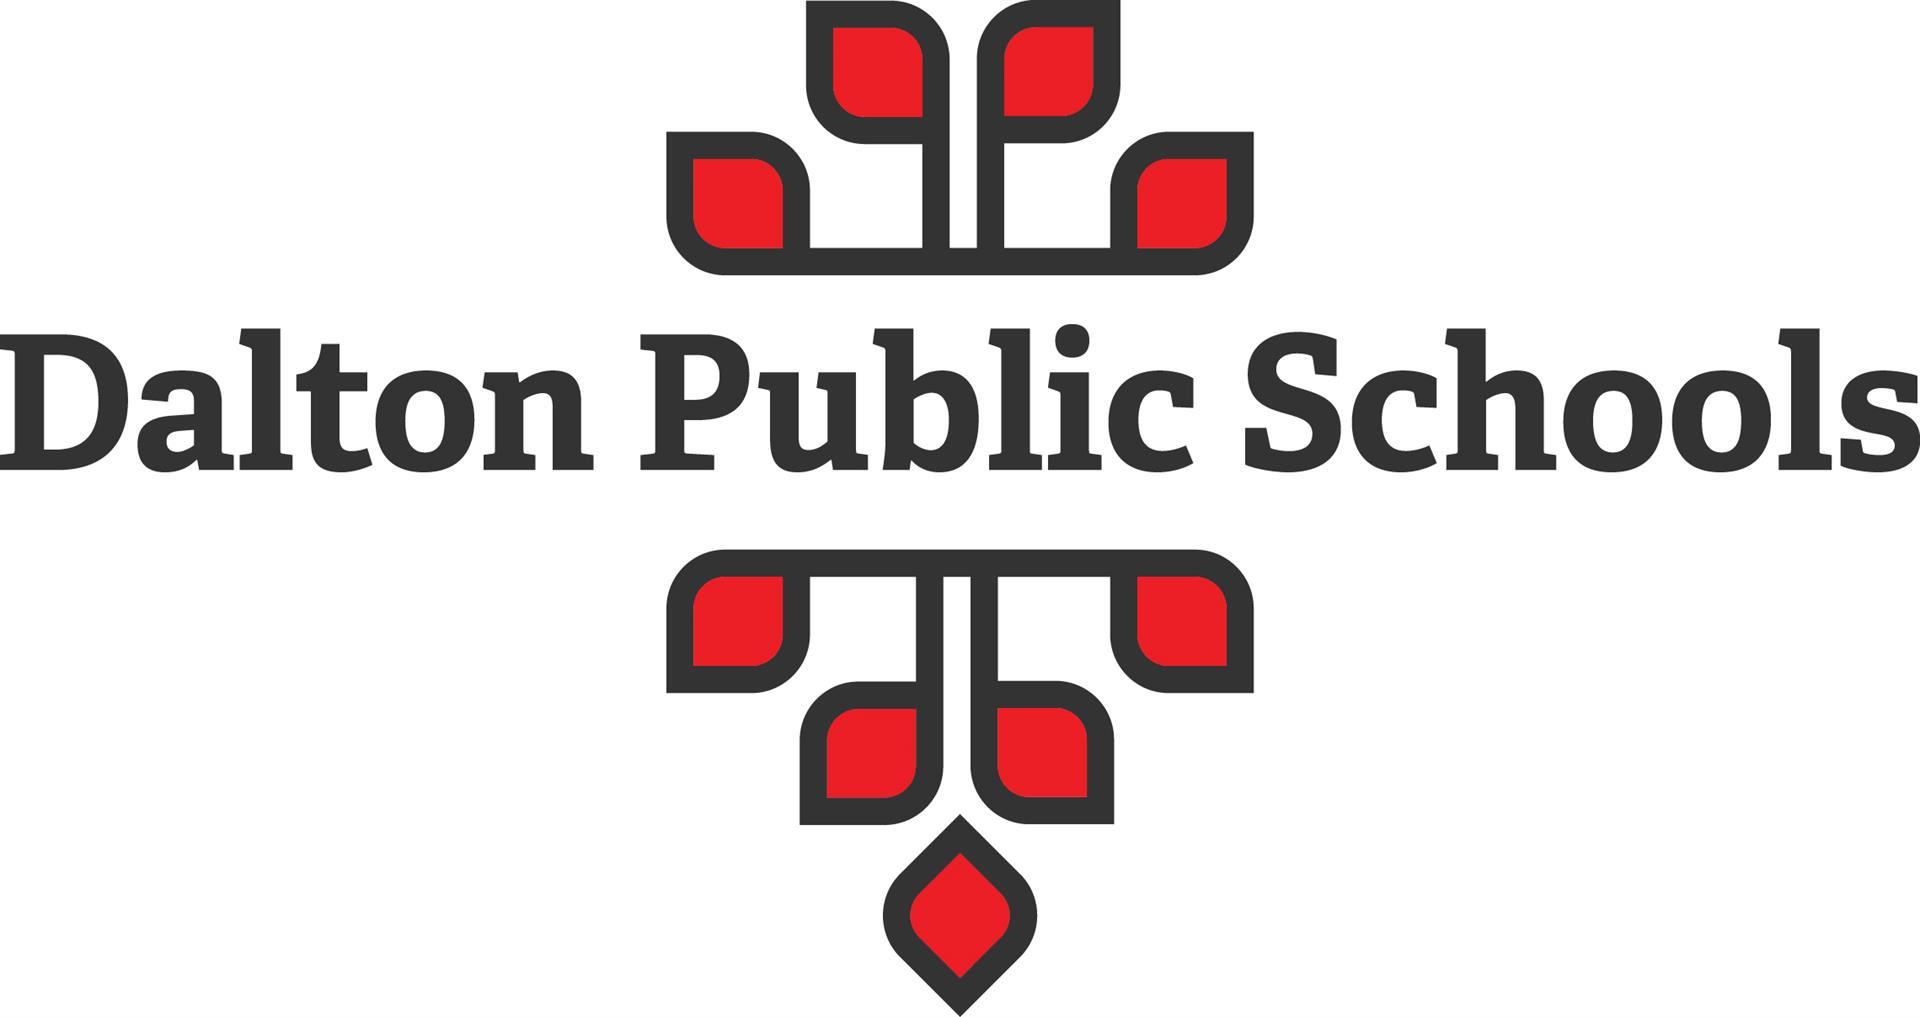 Dalton Public Schools Logo